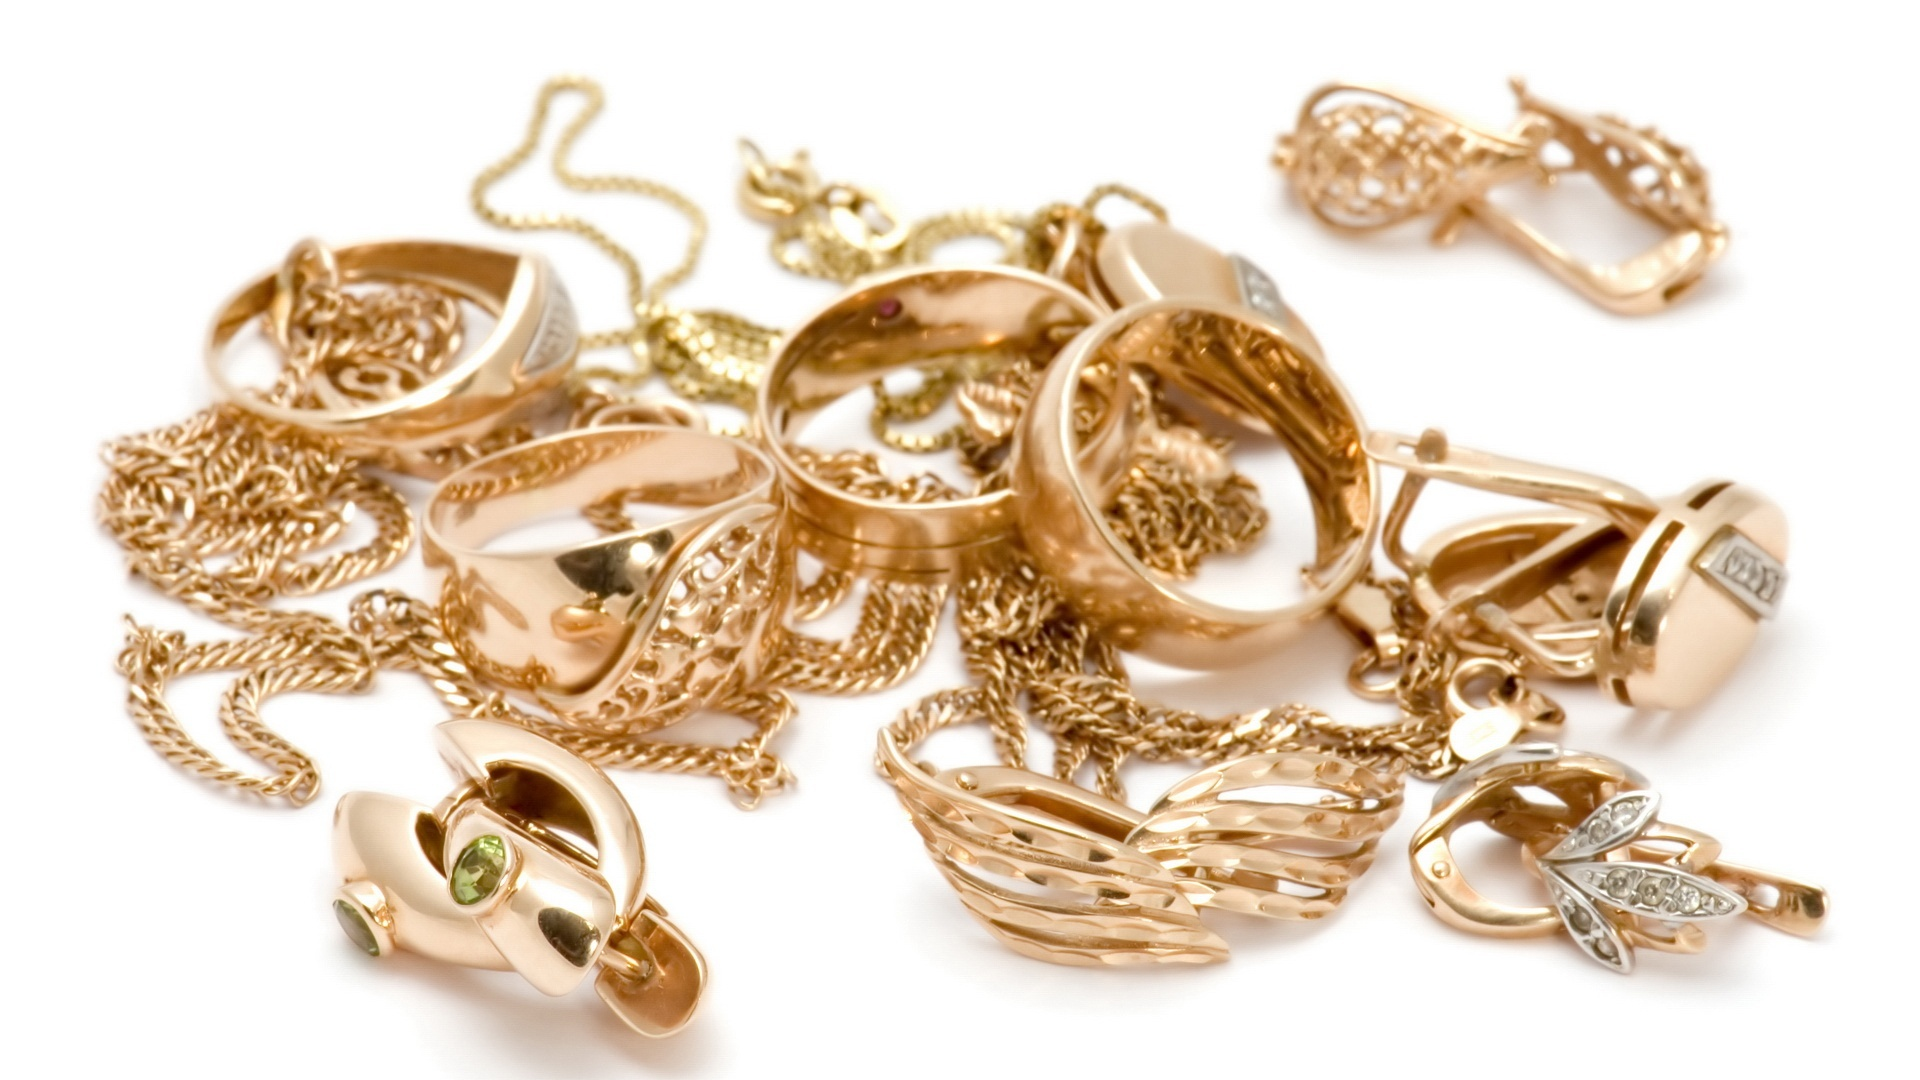 صورة صور مجوهرات , اشكال مجوهرات رائعه وانيقه